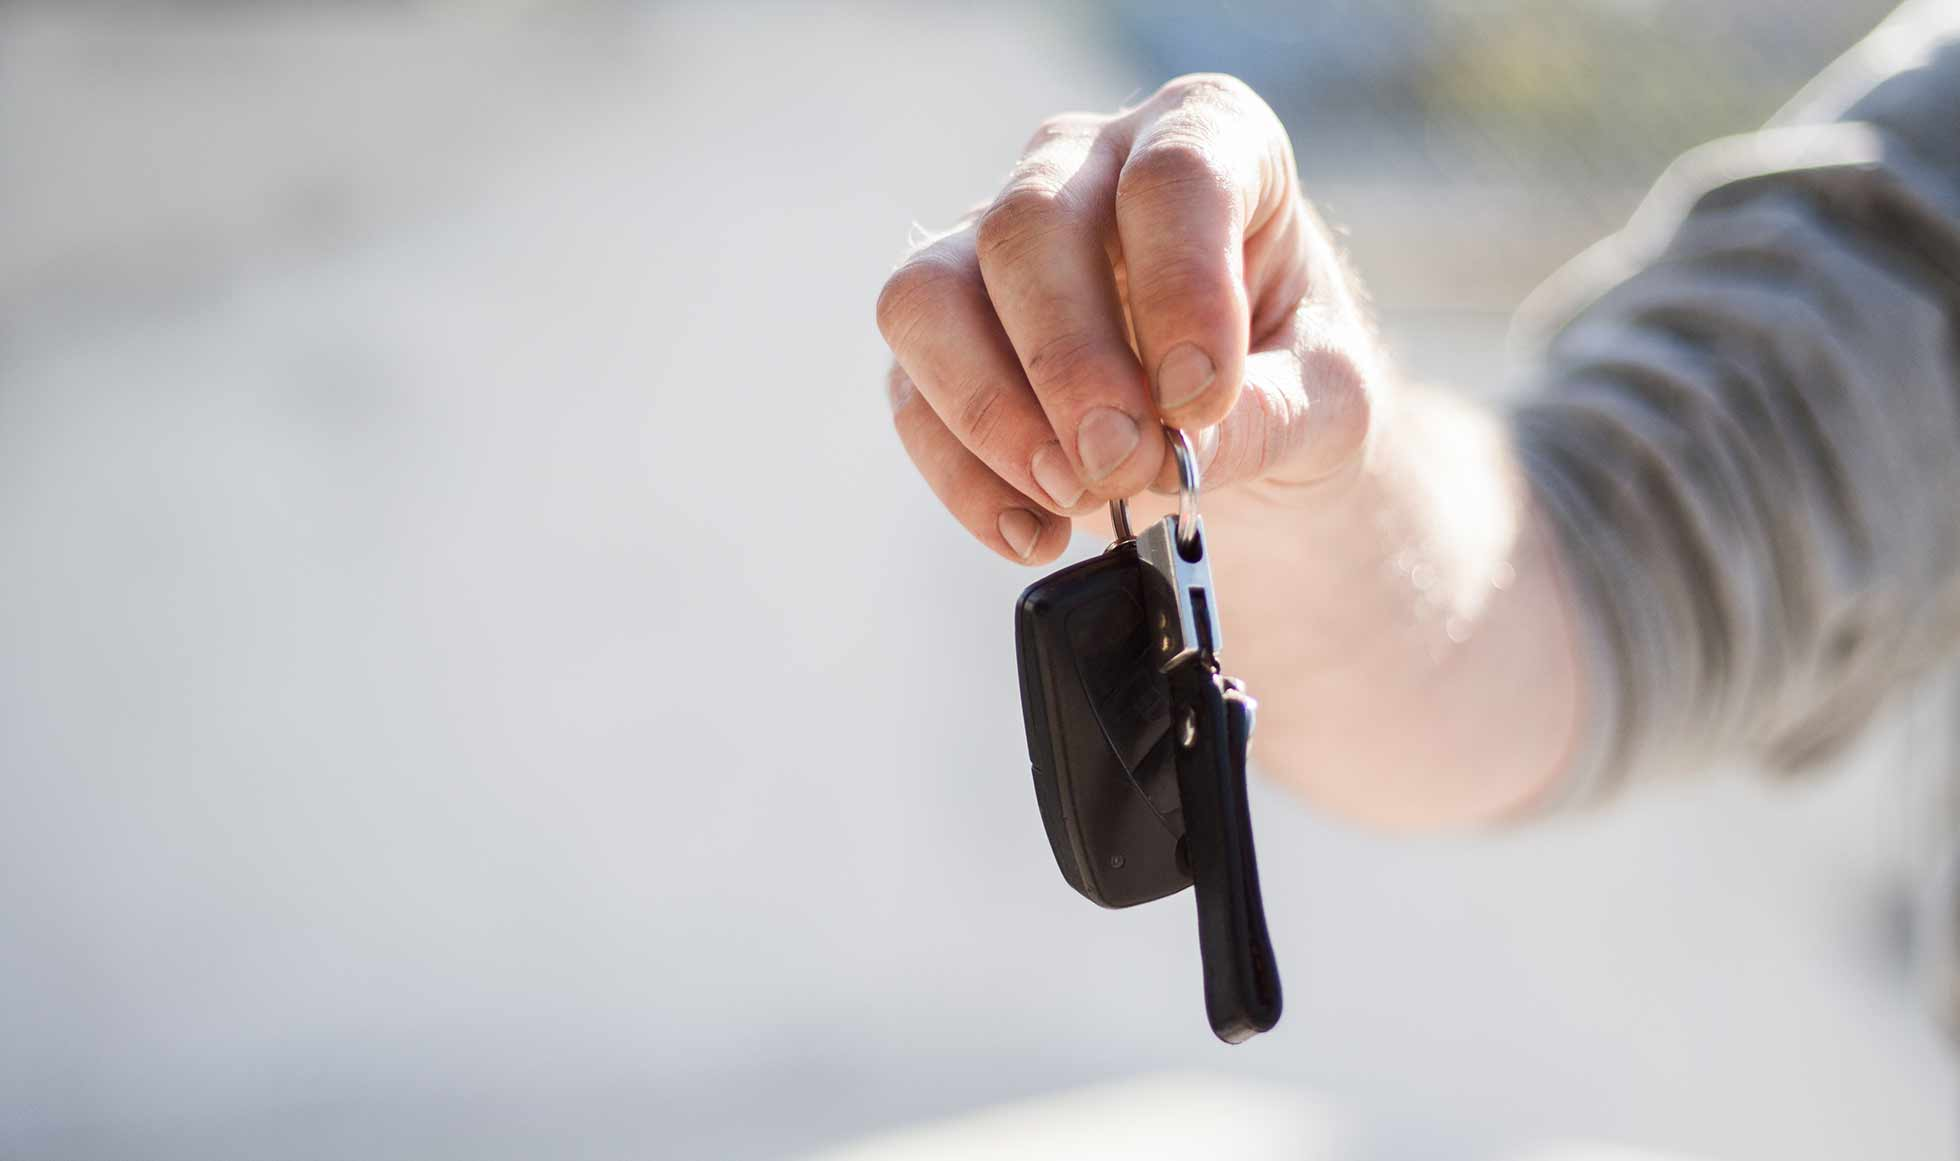 Κλειδιά SOS – Για να μη ψάχνετε τα εξαφανισμένα κλειδιά σας